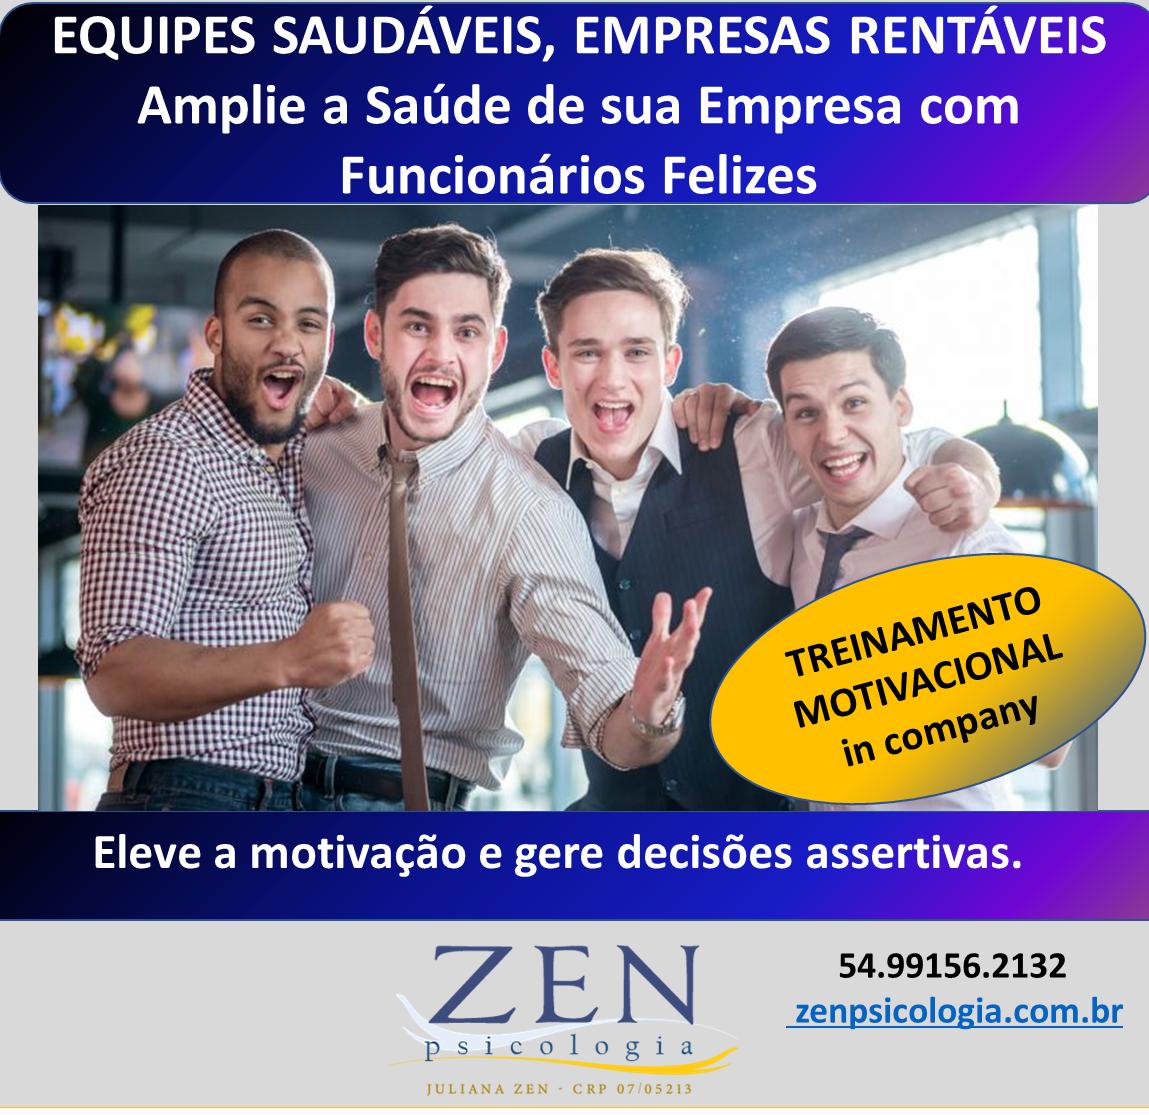 Funcionários Felizes Empresas Rentáveis